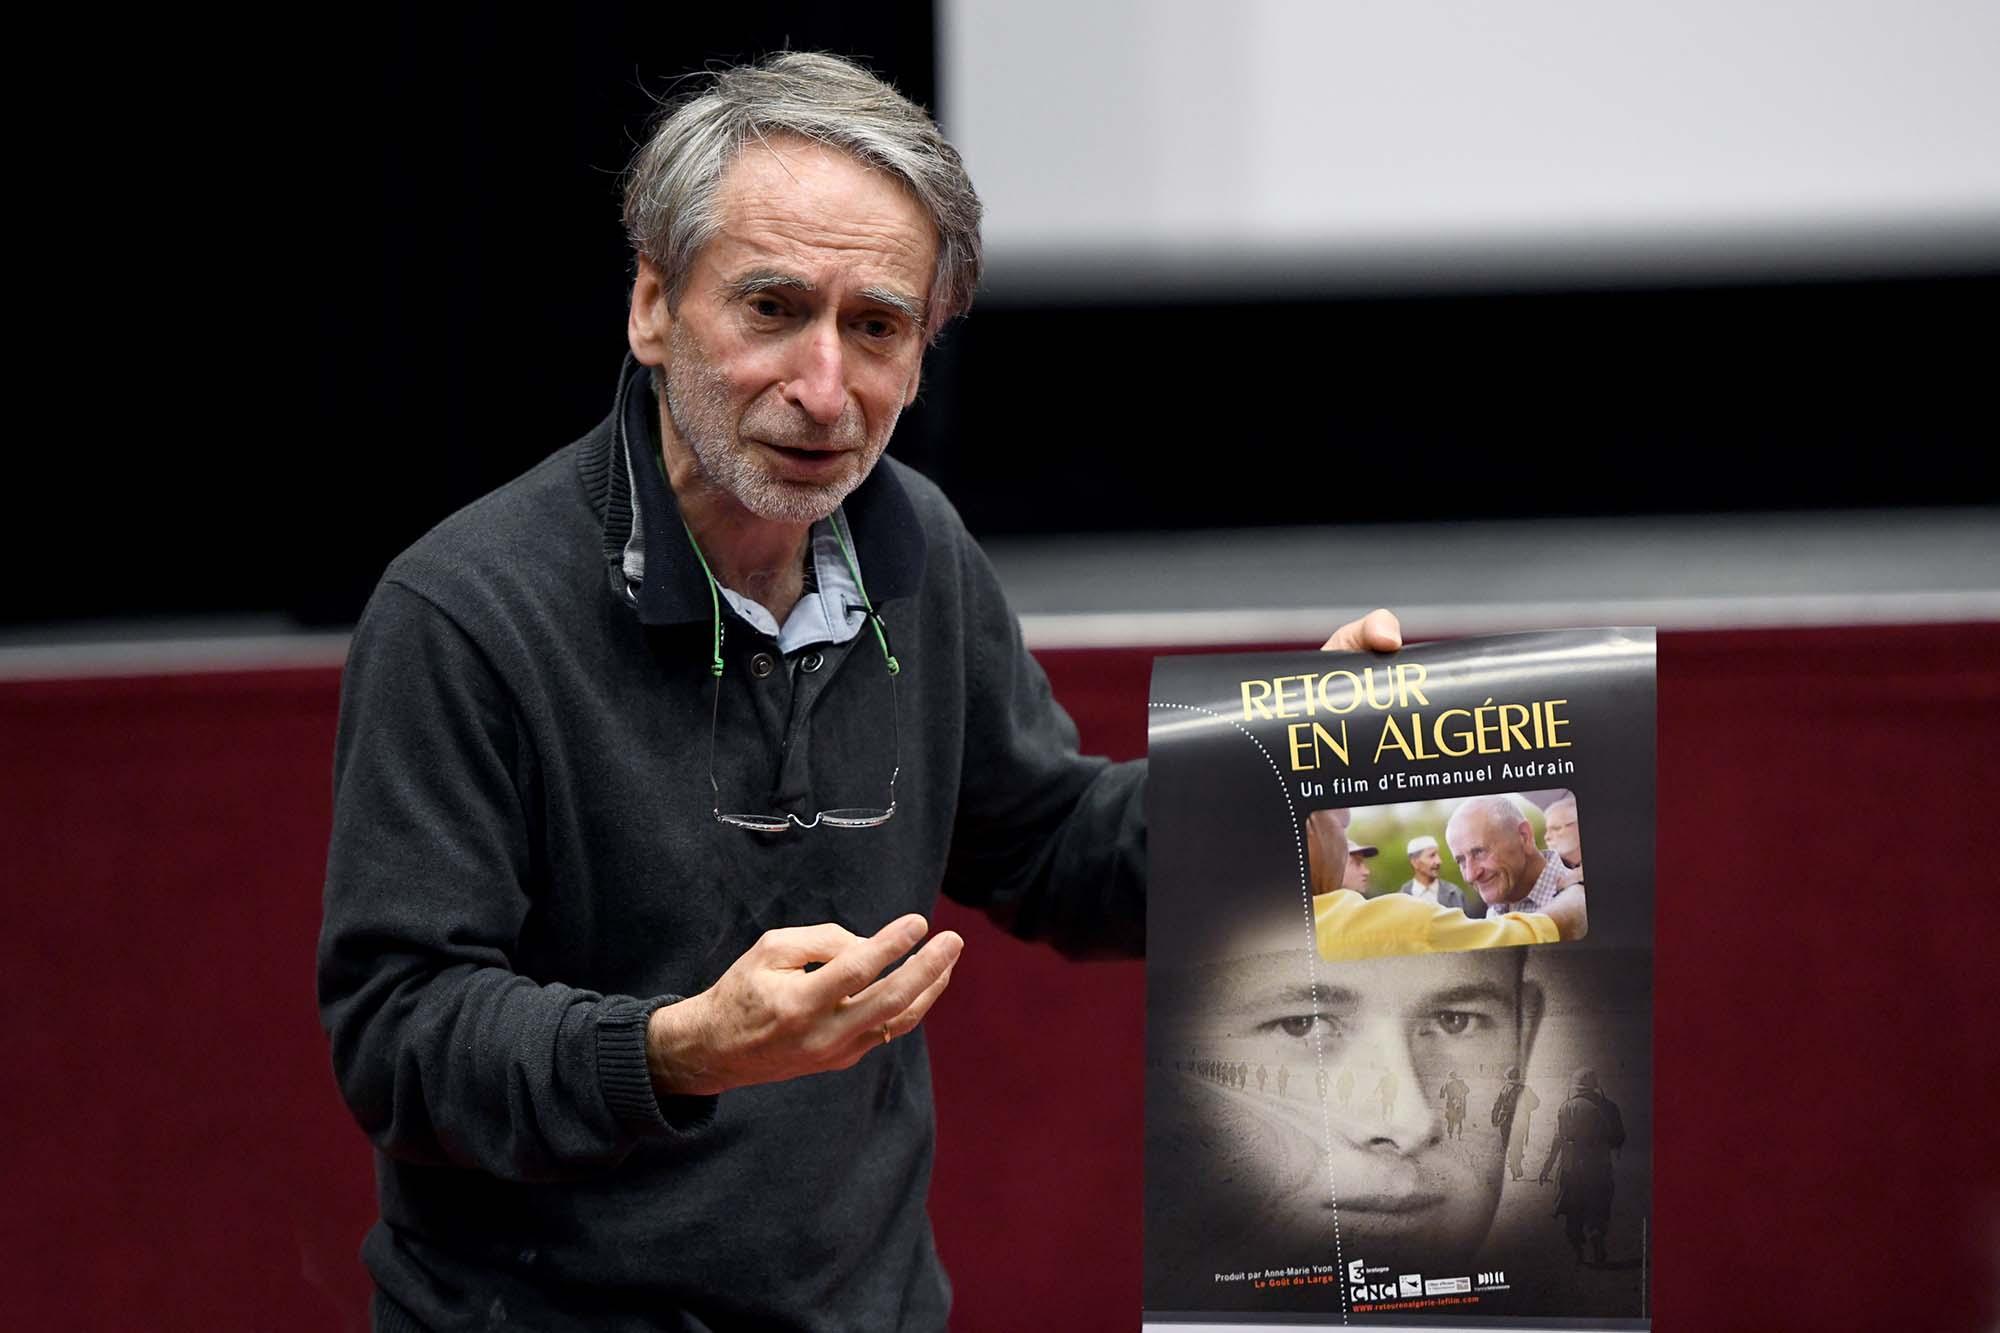 """Le réalisateur de """"Retour en Algérie"""" Emmanuel Audrain (©Ville de Saint-Nazaire - Christian Robert)"""